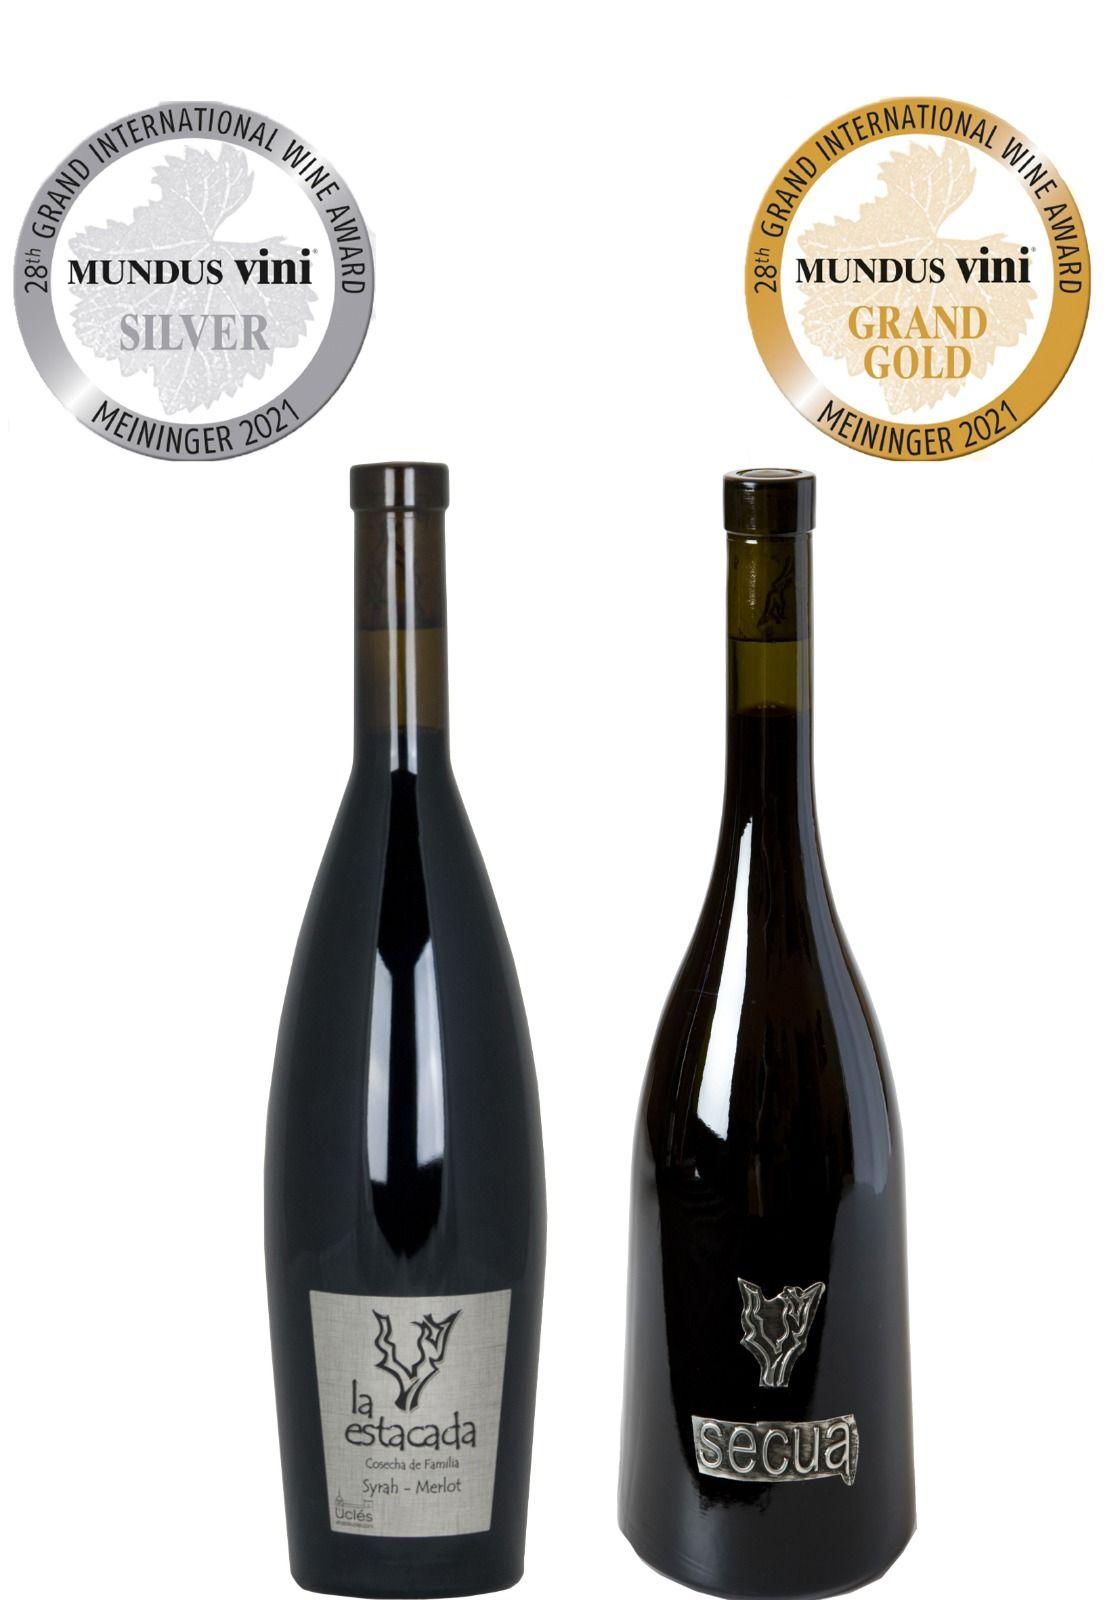 Finca La Estacada es galardonada en la 28ª edición de MUNDUS VINI